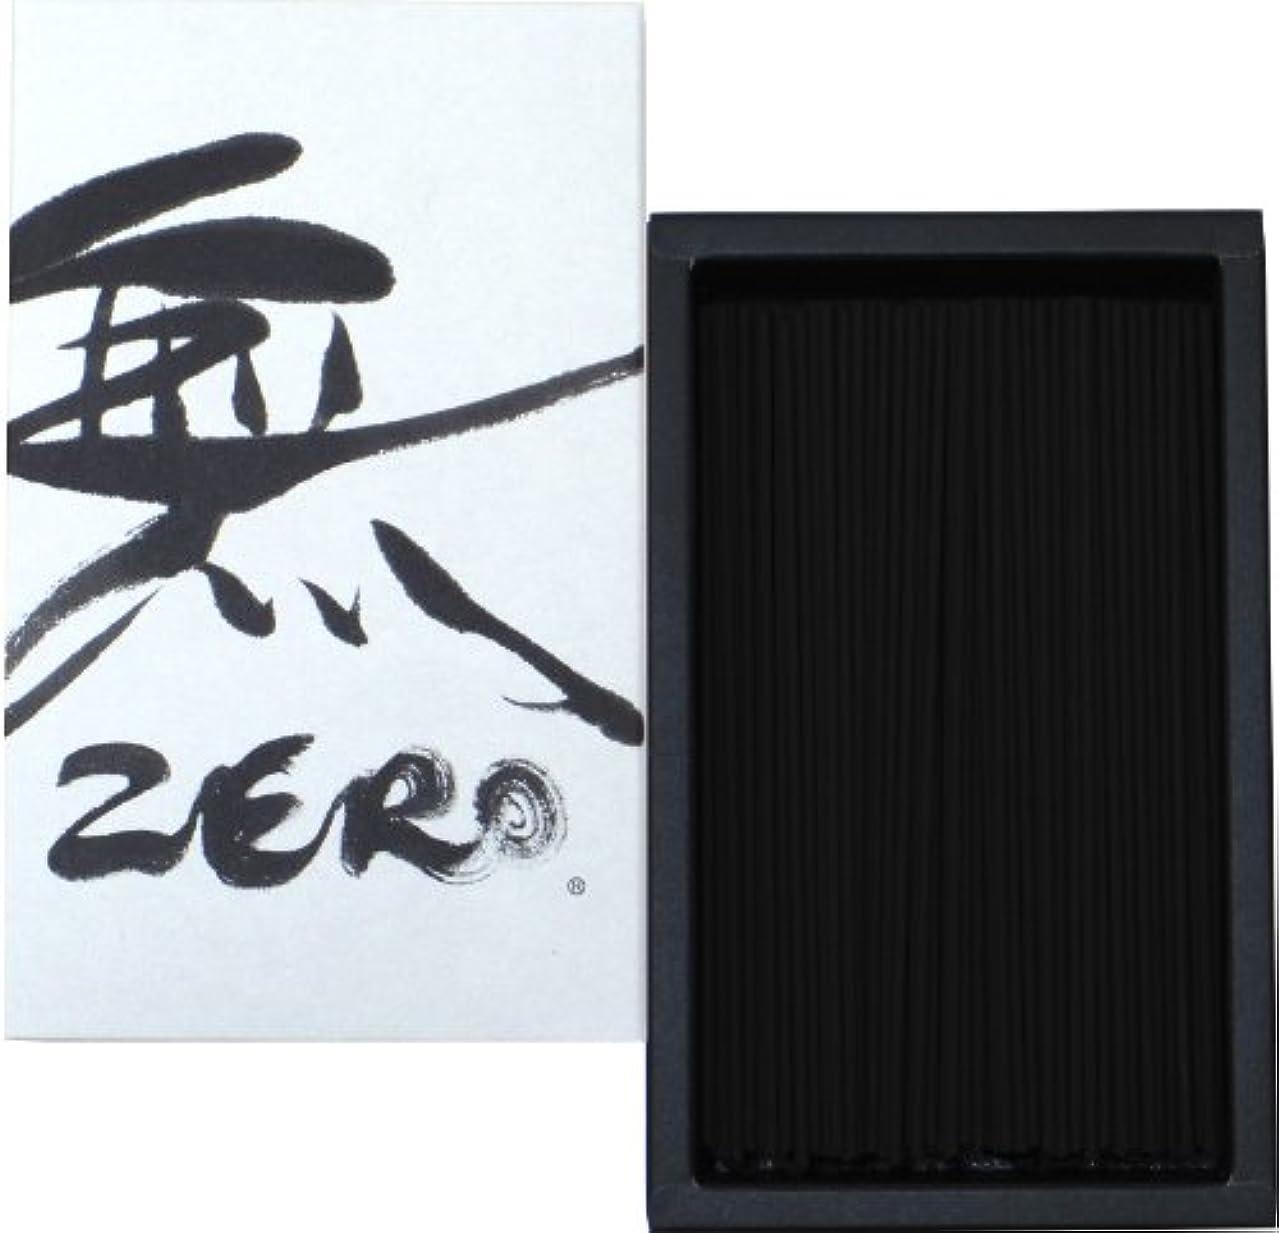 無謀原点生息地丸叶むらたのお線香 無 ZERO(ゼロ)大バラ 約160g #ZR-01